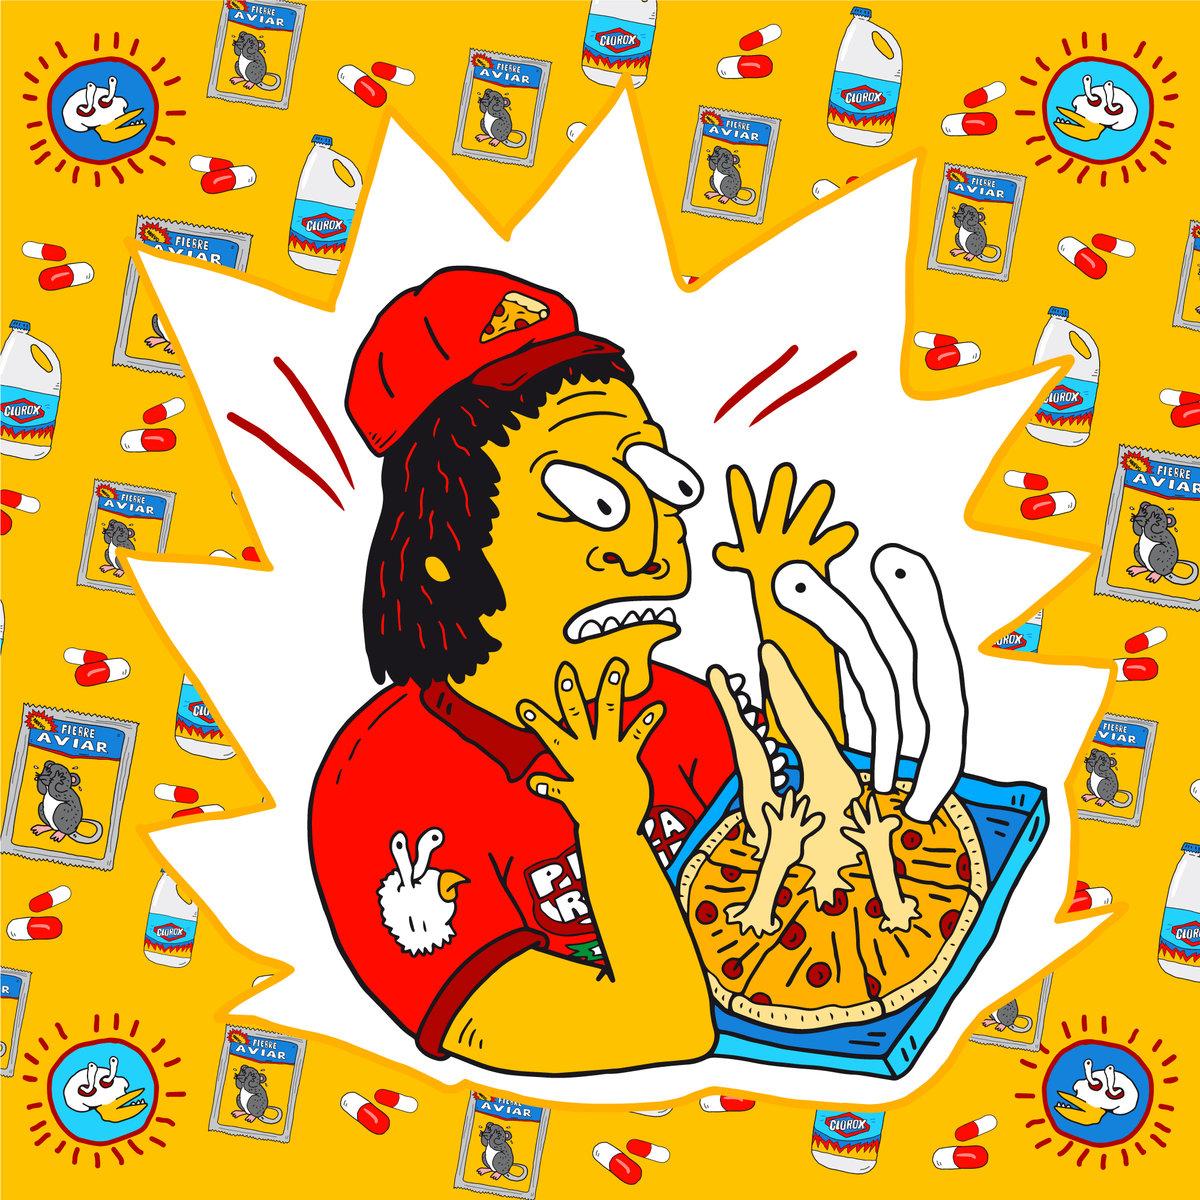 fiebreaviar-repartepizza